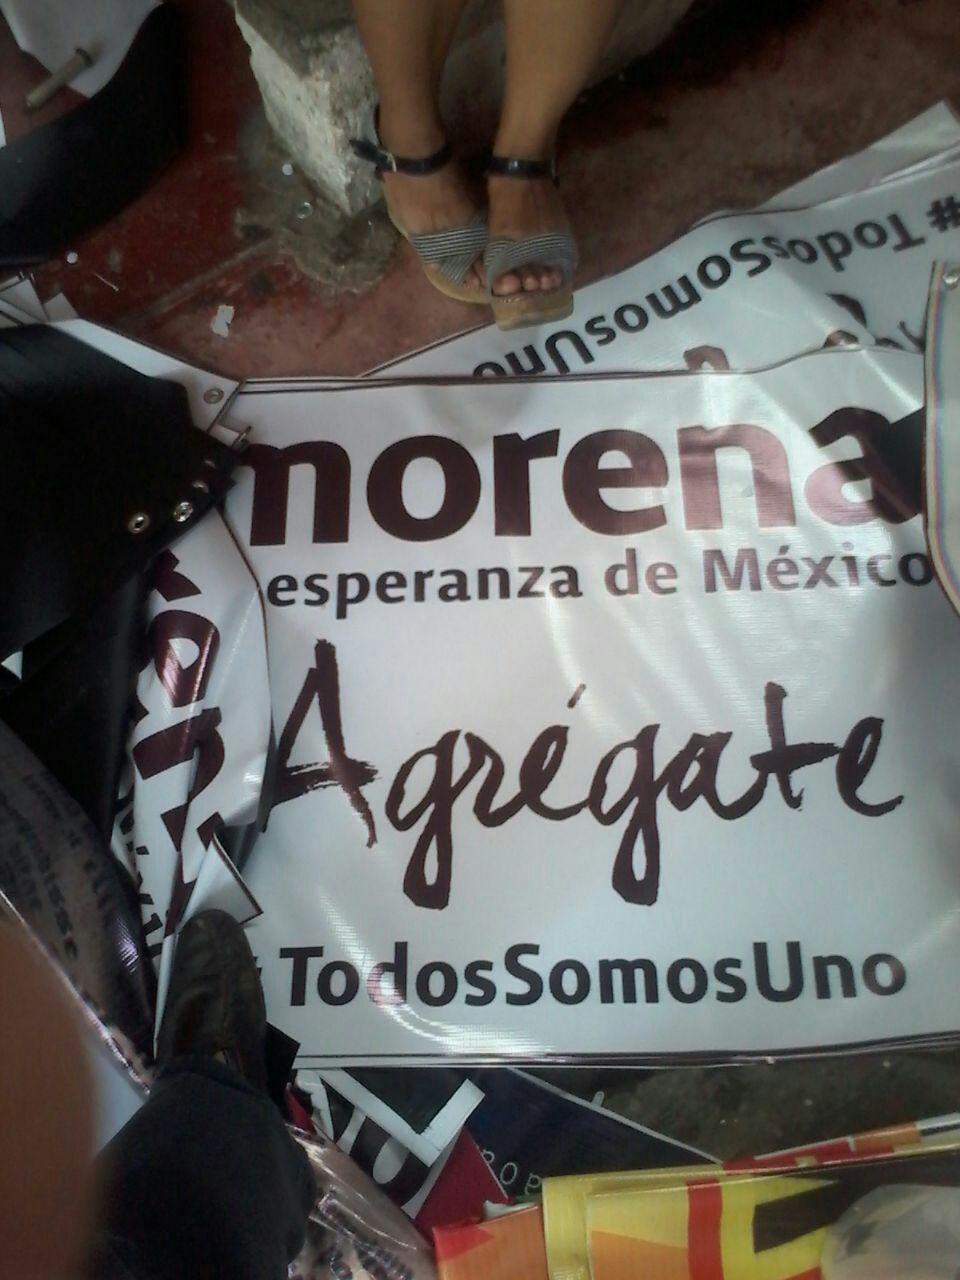 MADRUGUETE DE 'GREG' EN MORENA: Descubren propaganda de ex Alcalde para buscar candidatura a la gubernatura por el partido de AMLO